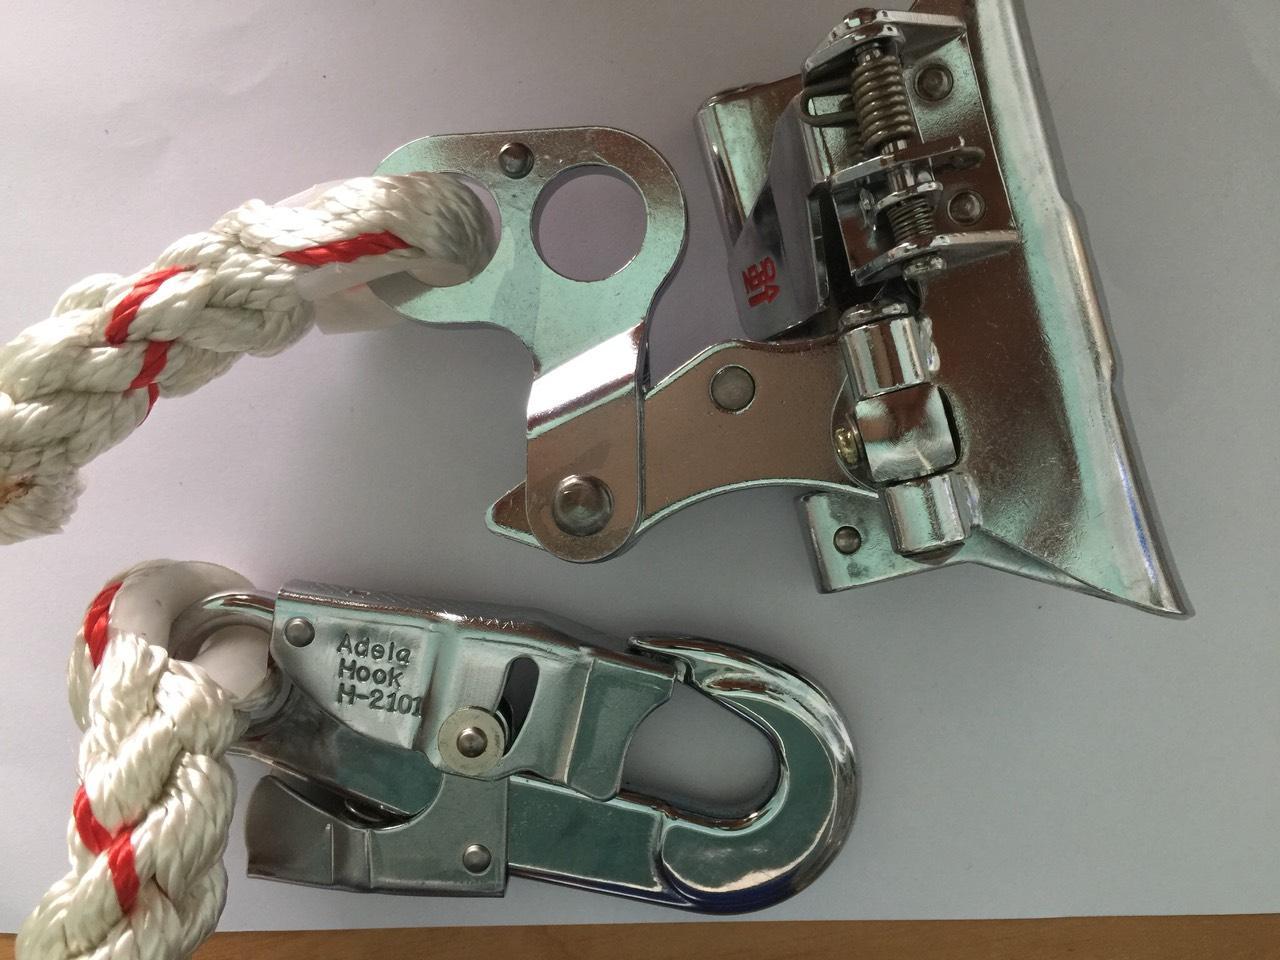 Khóa cứu sinh adela (Dành cho dây thừng 14mm đến 16mm)